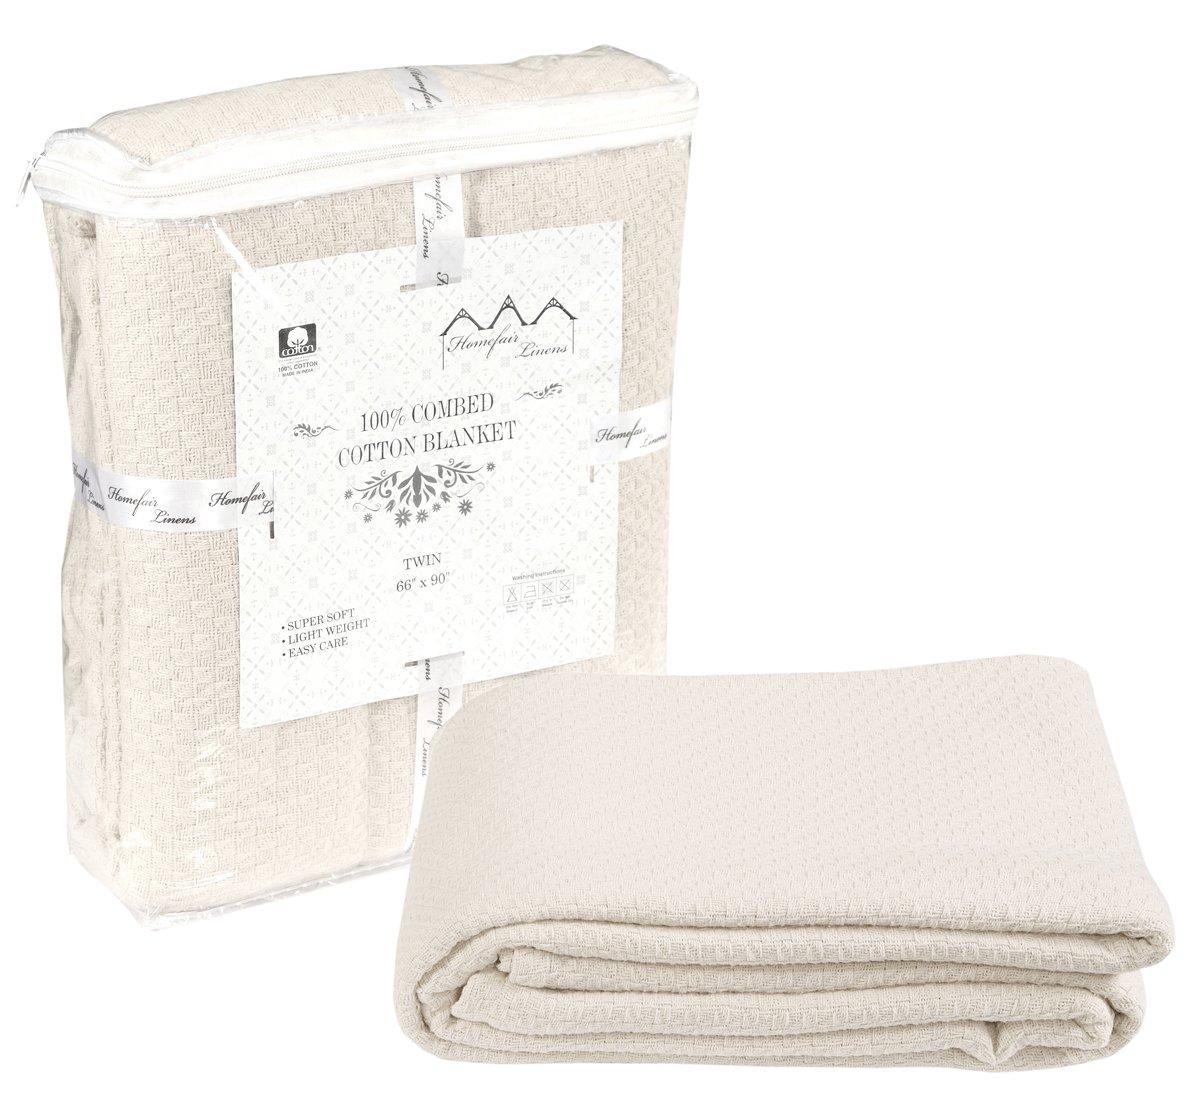 6c780f5c64 Get Quotations · 100% Premium Soft Cotton Blanket - Queen Blanket - Thermal  Blankets - Soft Cozy